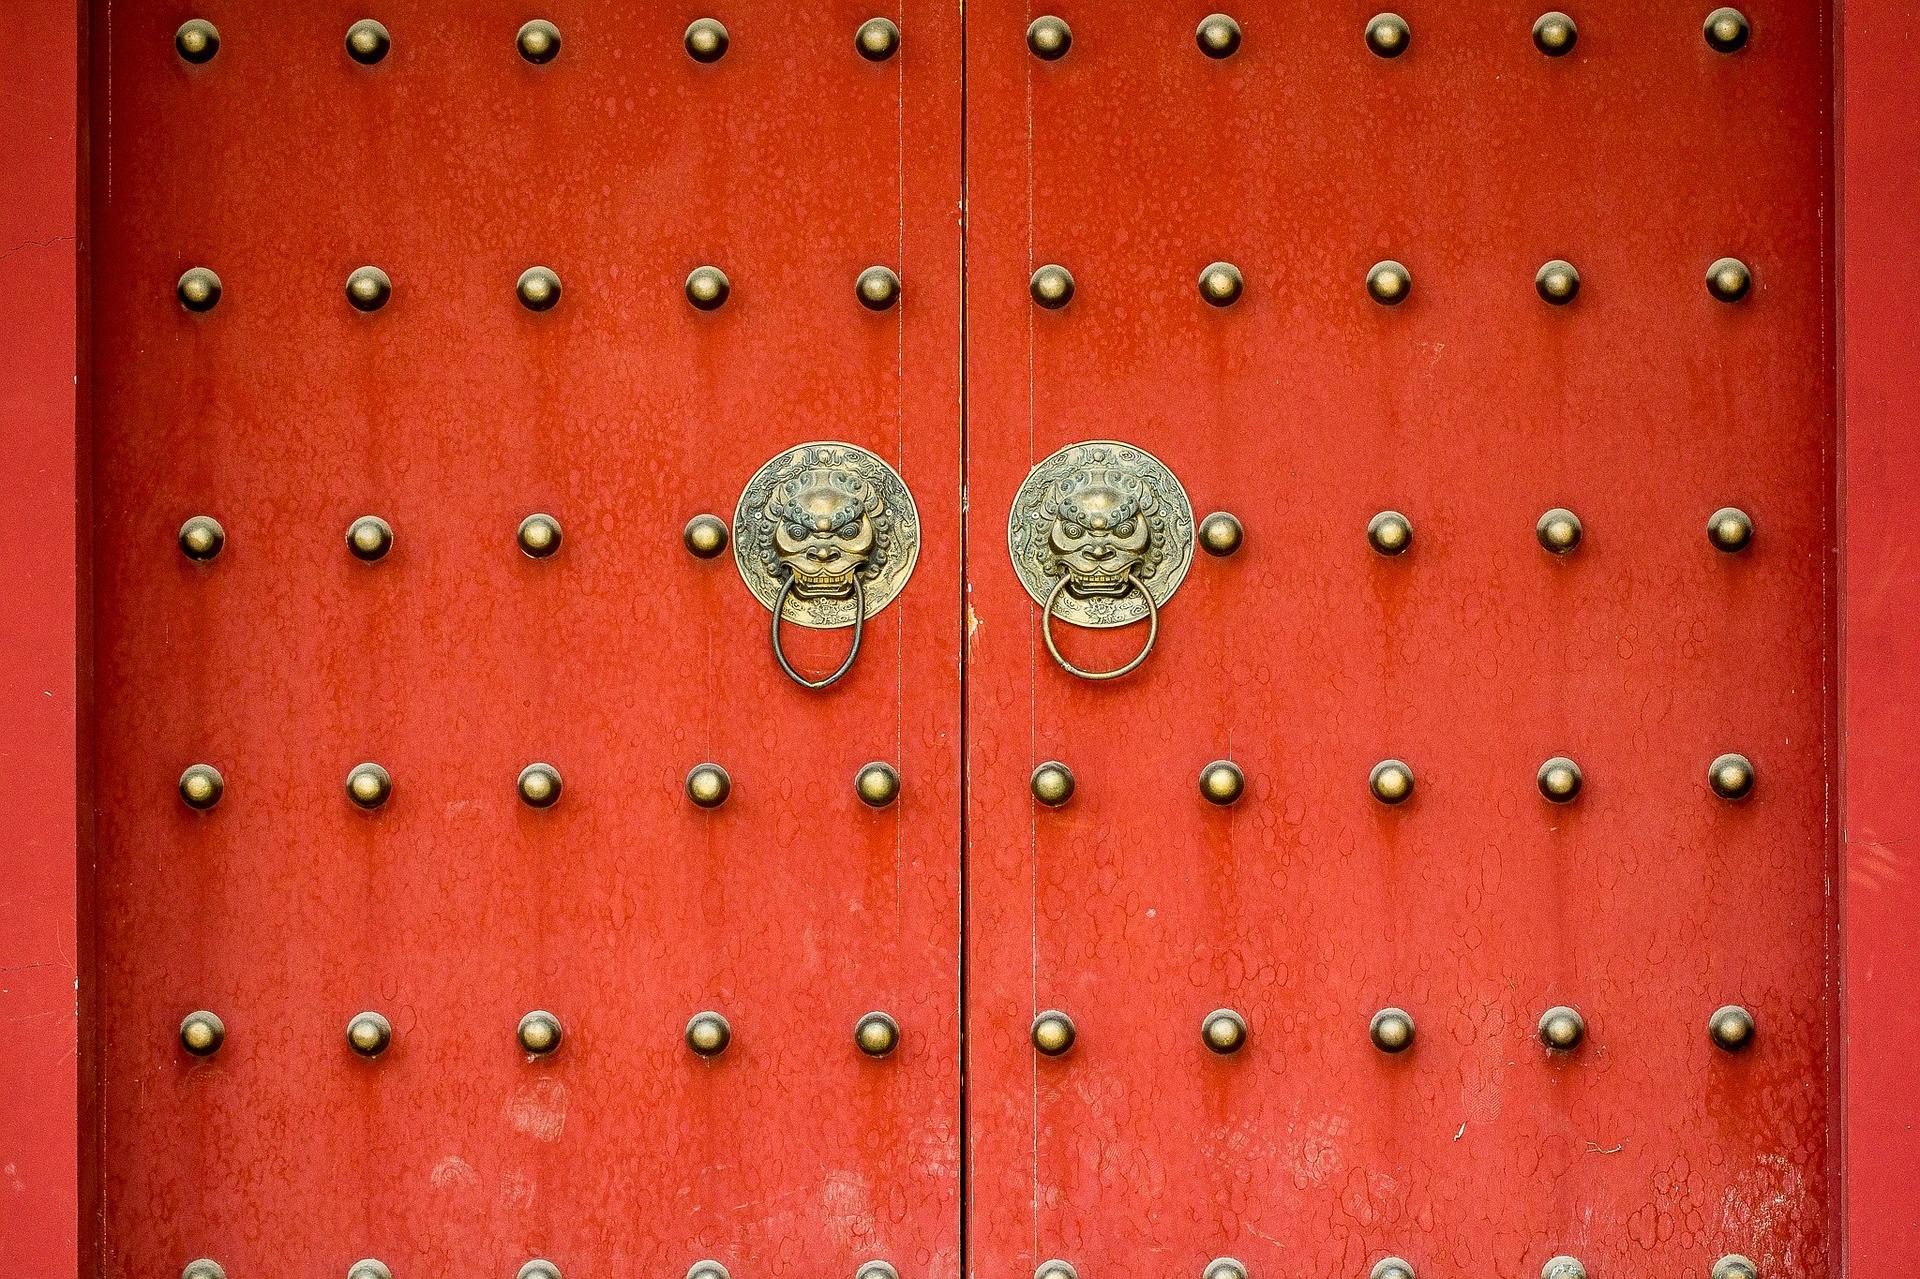 """LIU DA KAI 六大開 """"le sei aperture/porte"""" : trai insegnamento grazie alle analogie con la vita quotidiana"""